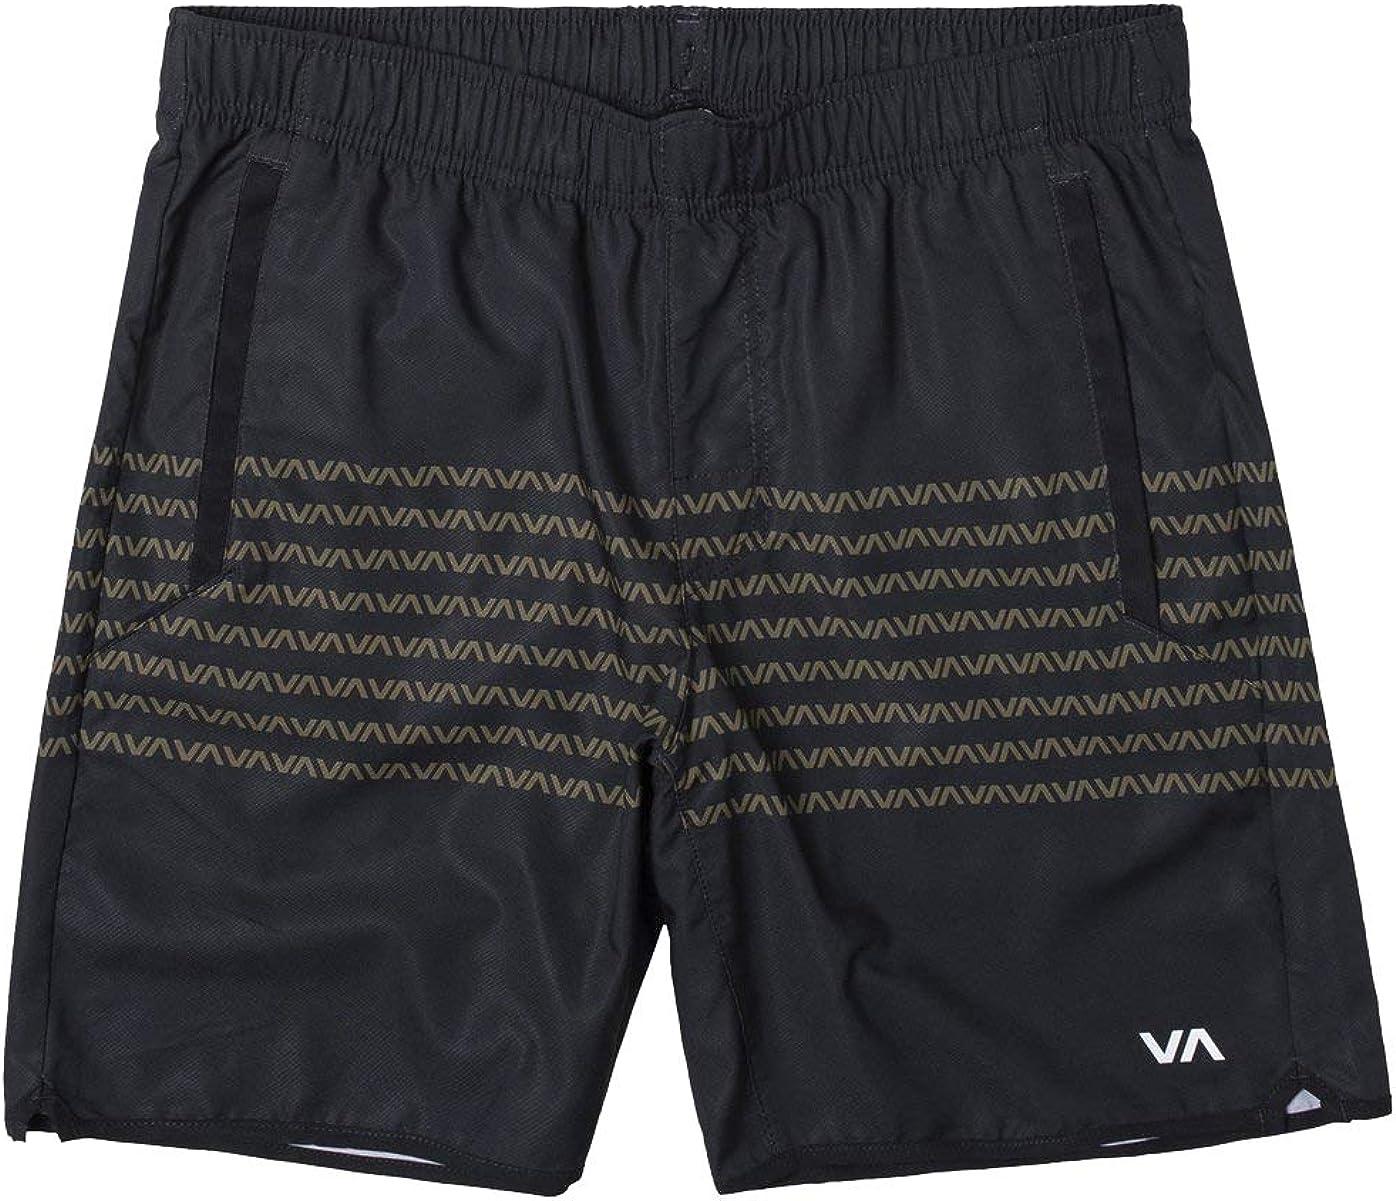 RVCA Men's Yogger Sport Short